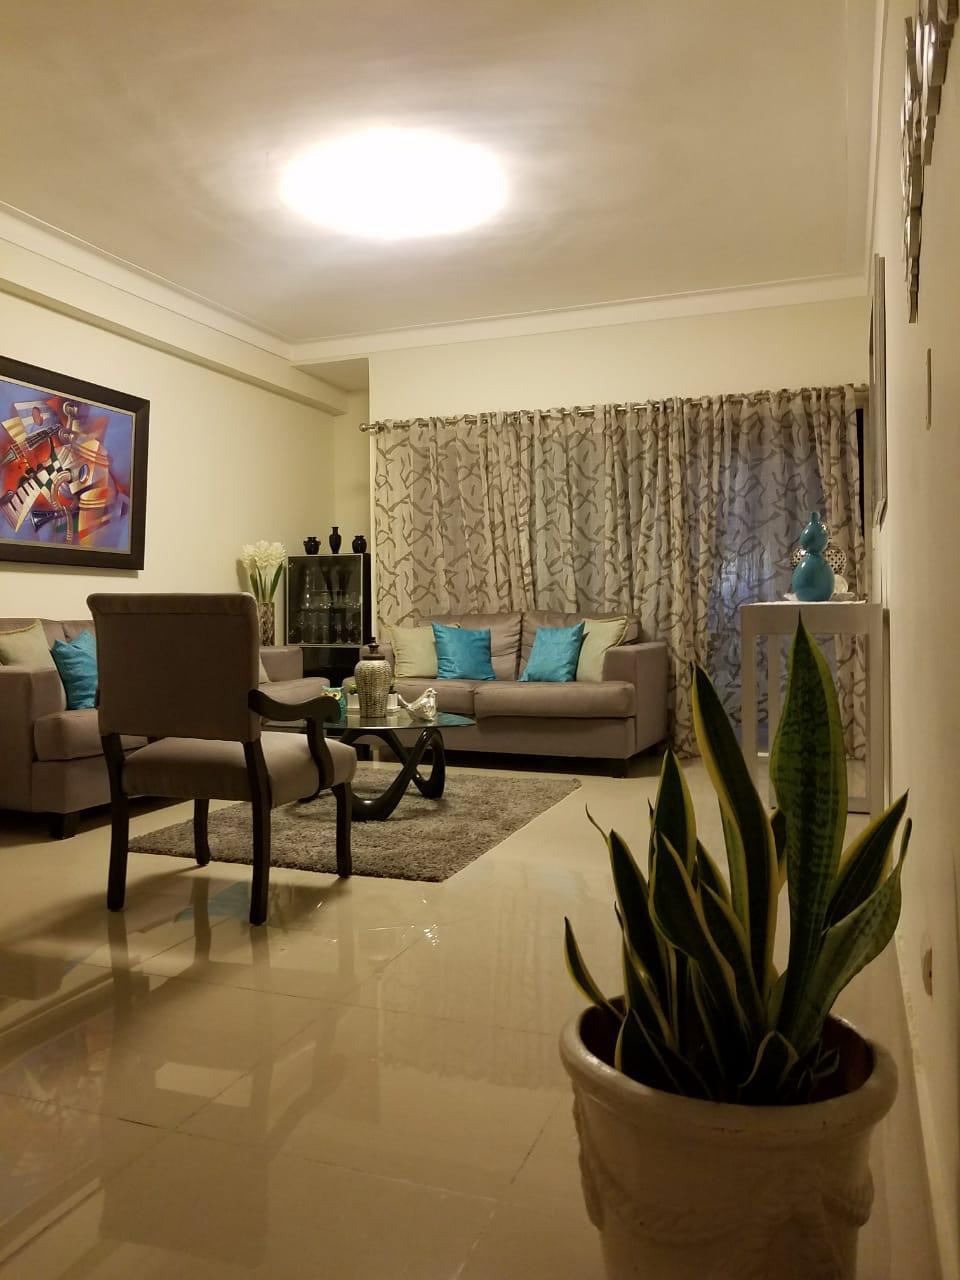 Apartamento en venta en el sector EL MILLÓN precio US$ 198,000.00 US$198,000